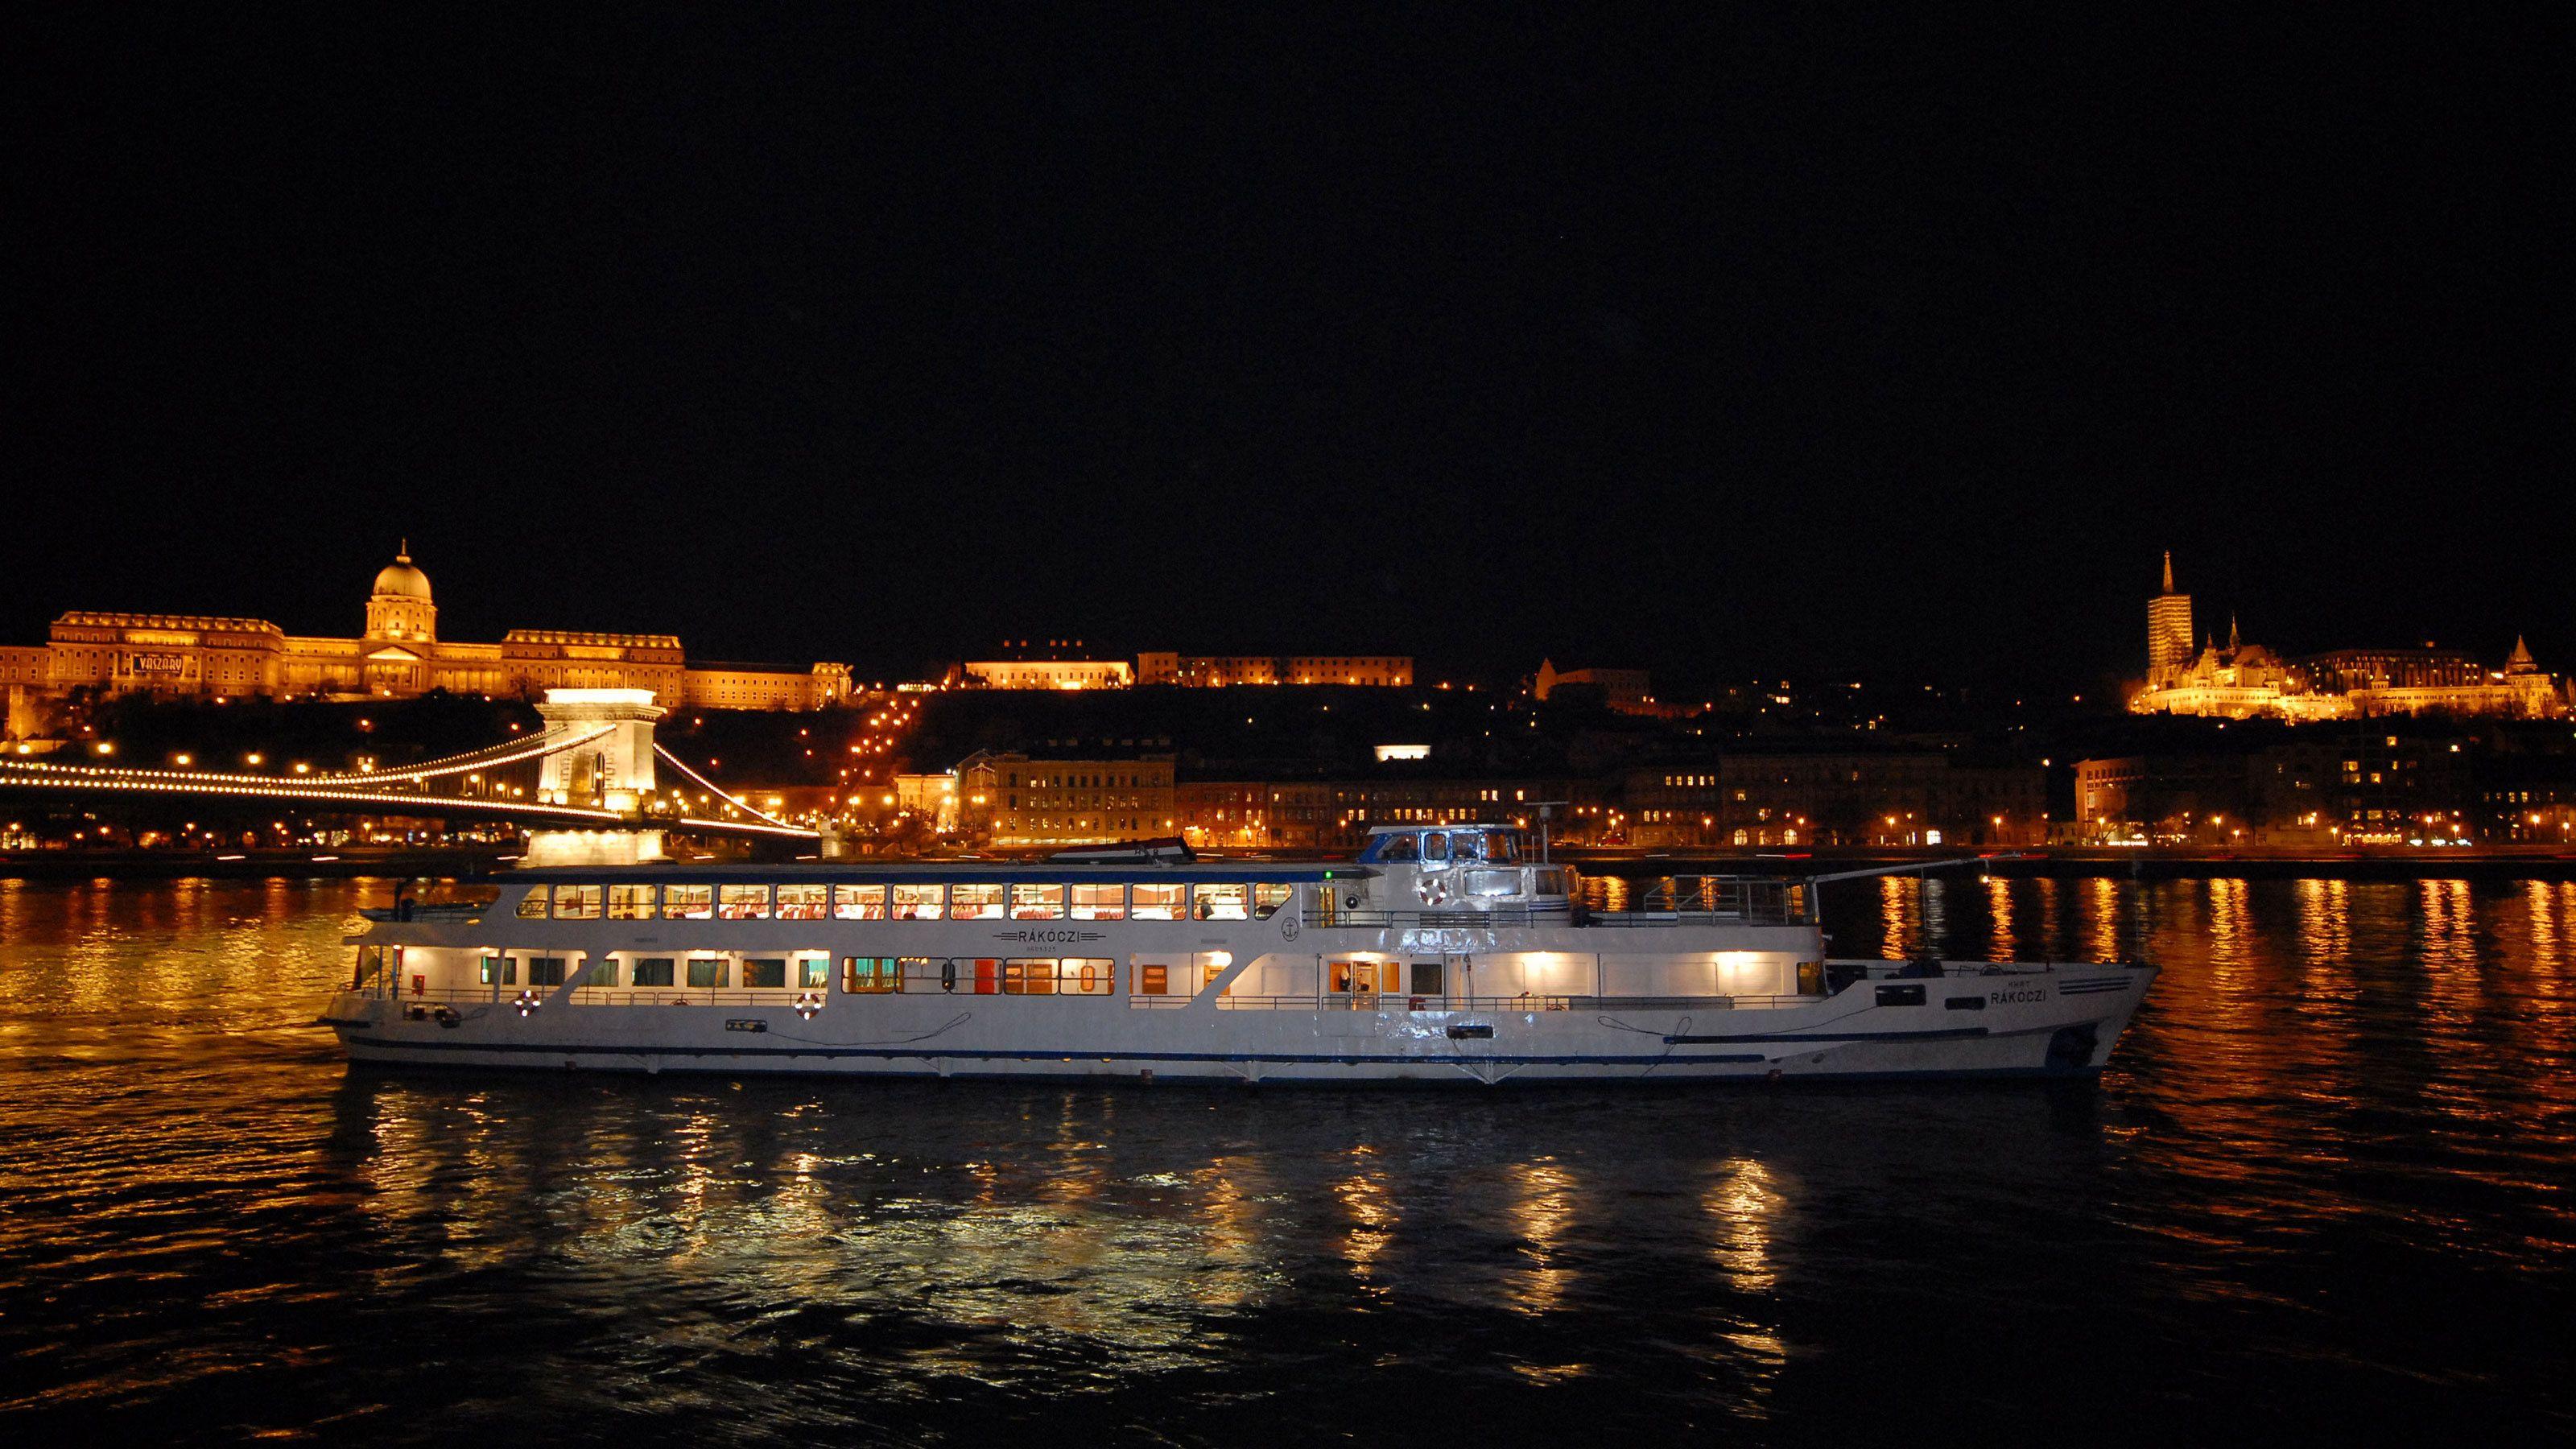 Sejltur med middag på Donau